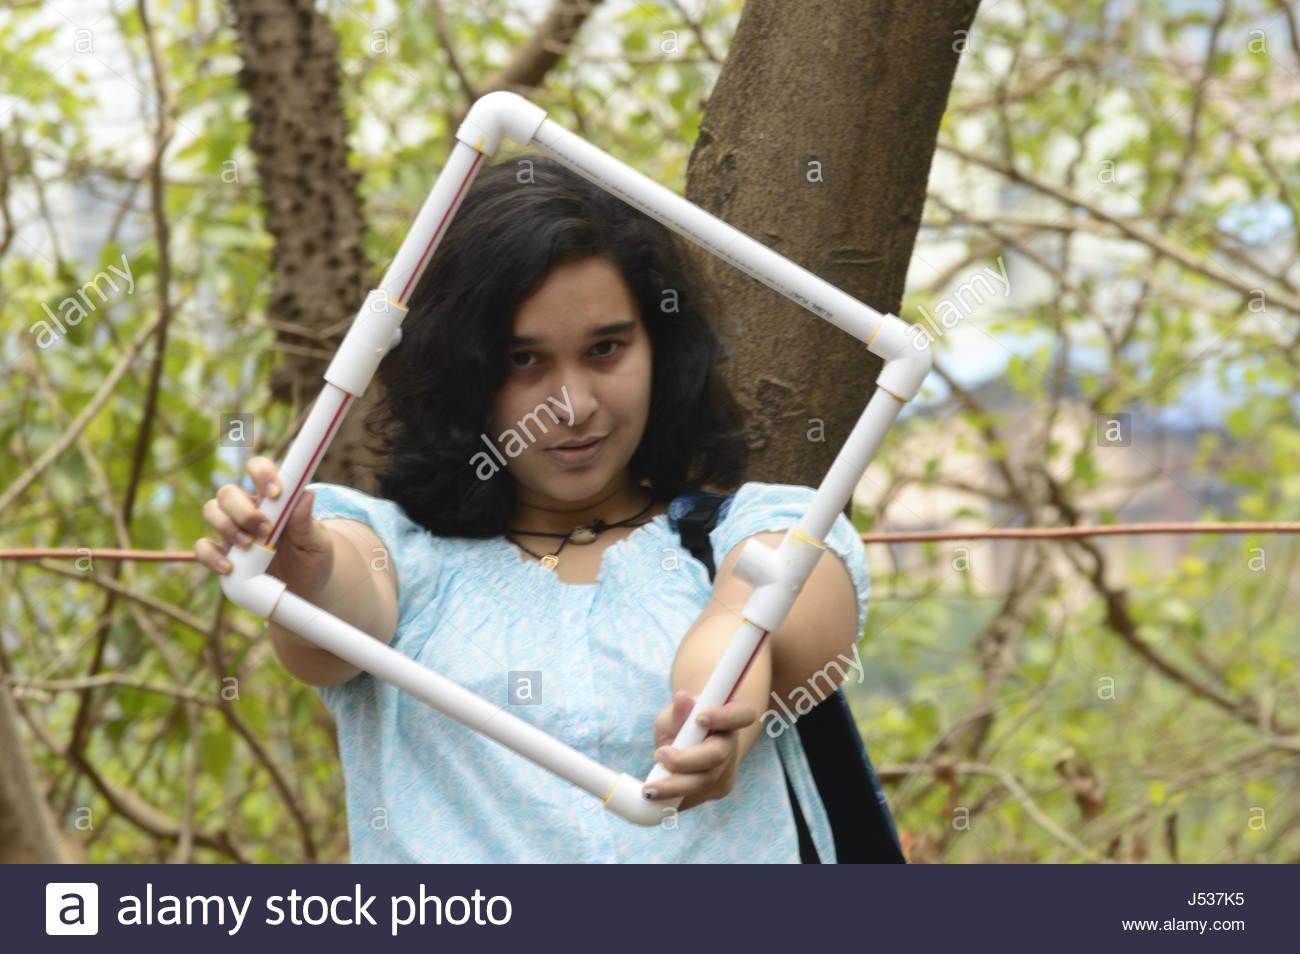 loove nature - Stock Image